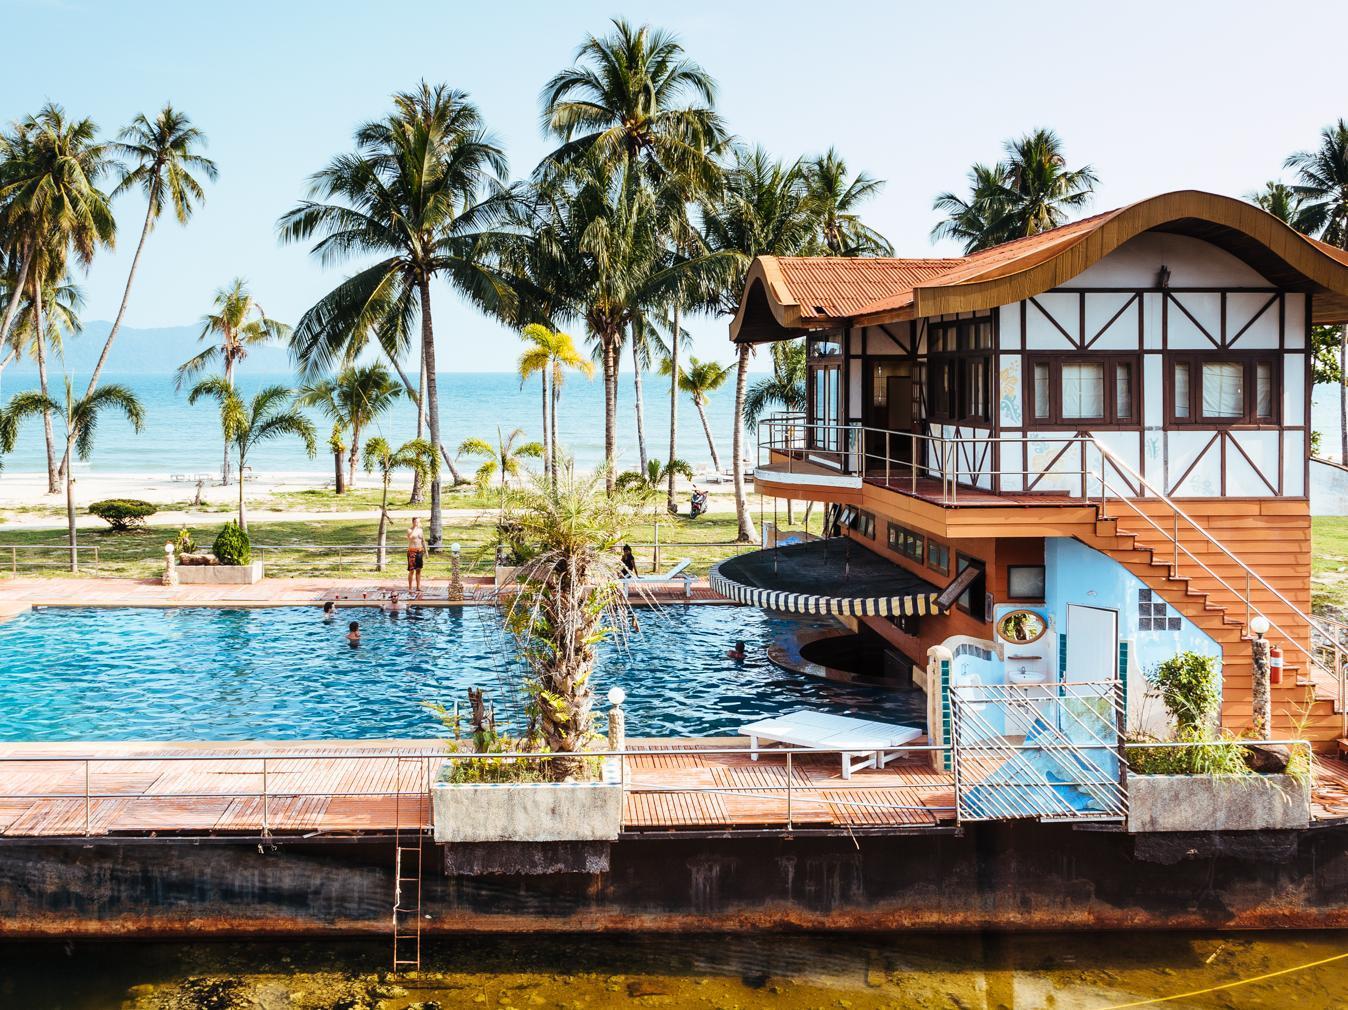 Koh Chang Boat Chalet Hotel, K. Ko Chang